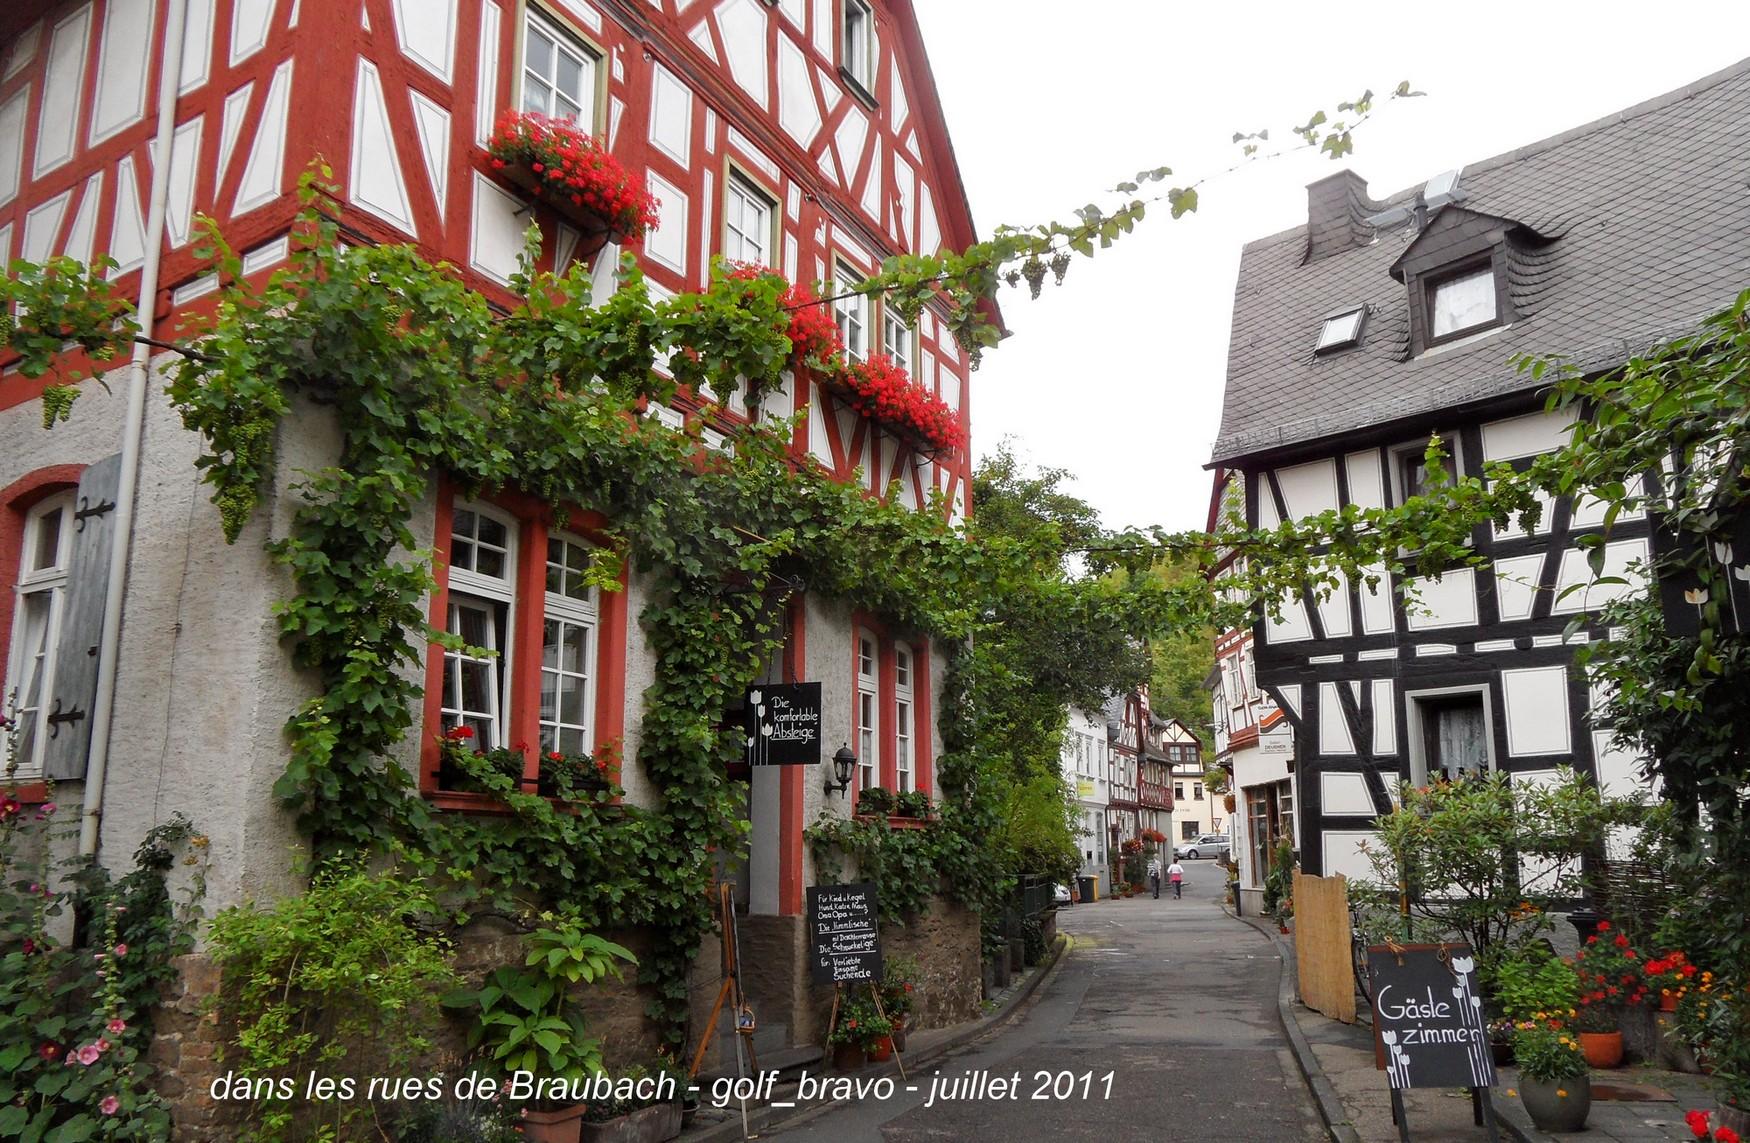 Maisons à colombage à Braubach sur le bord du rhin